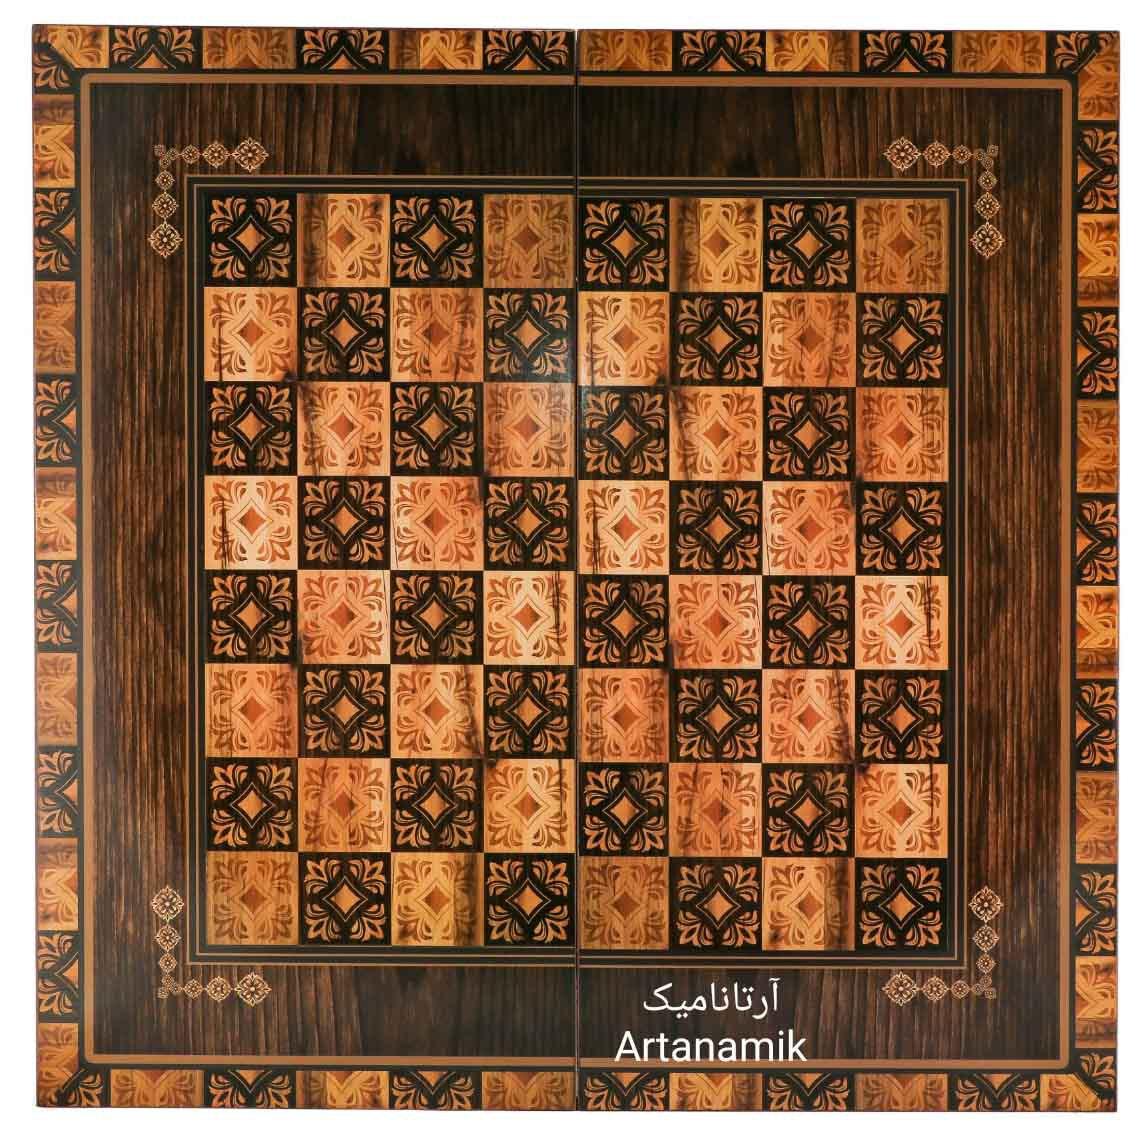 شطرنج طرح پارسی، شطرنج کادویی و شطرنج نفیس از جنس MDF